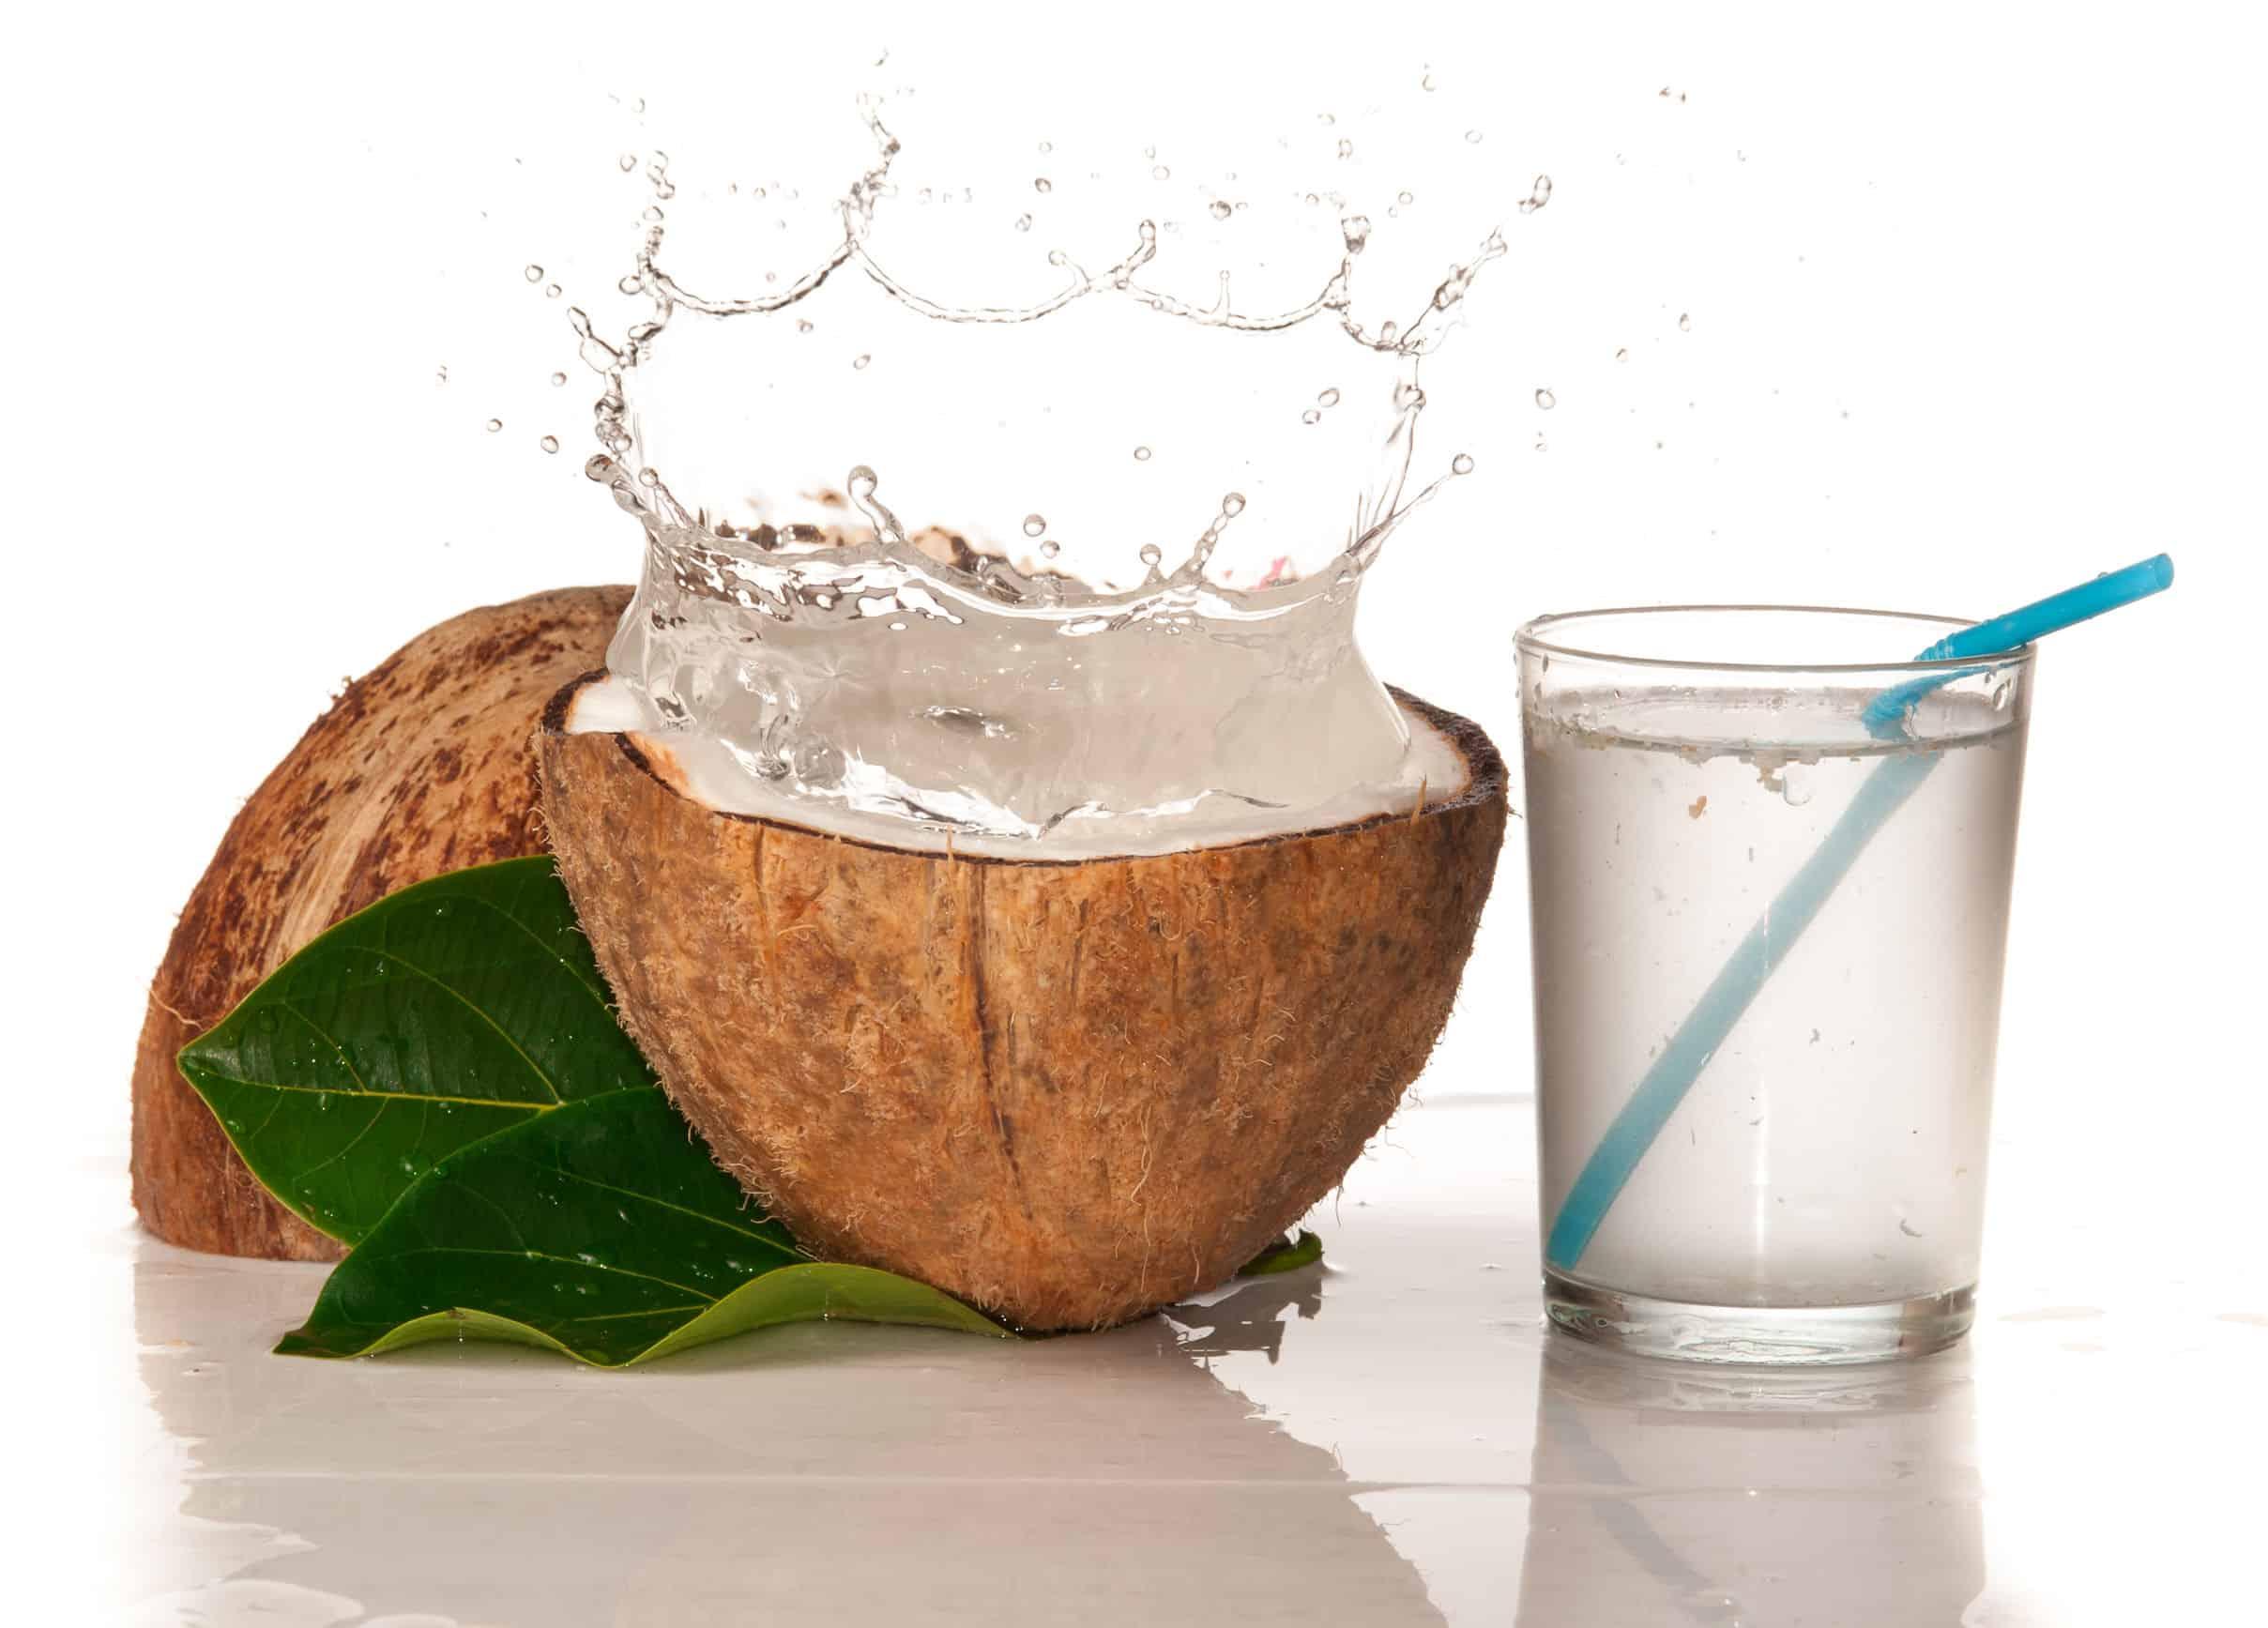 Kokoswasser: Test & Empfehlungen (08/20)